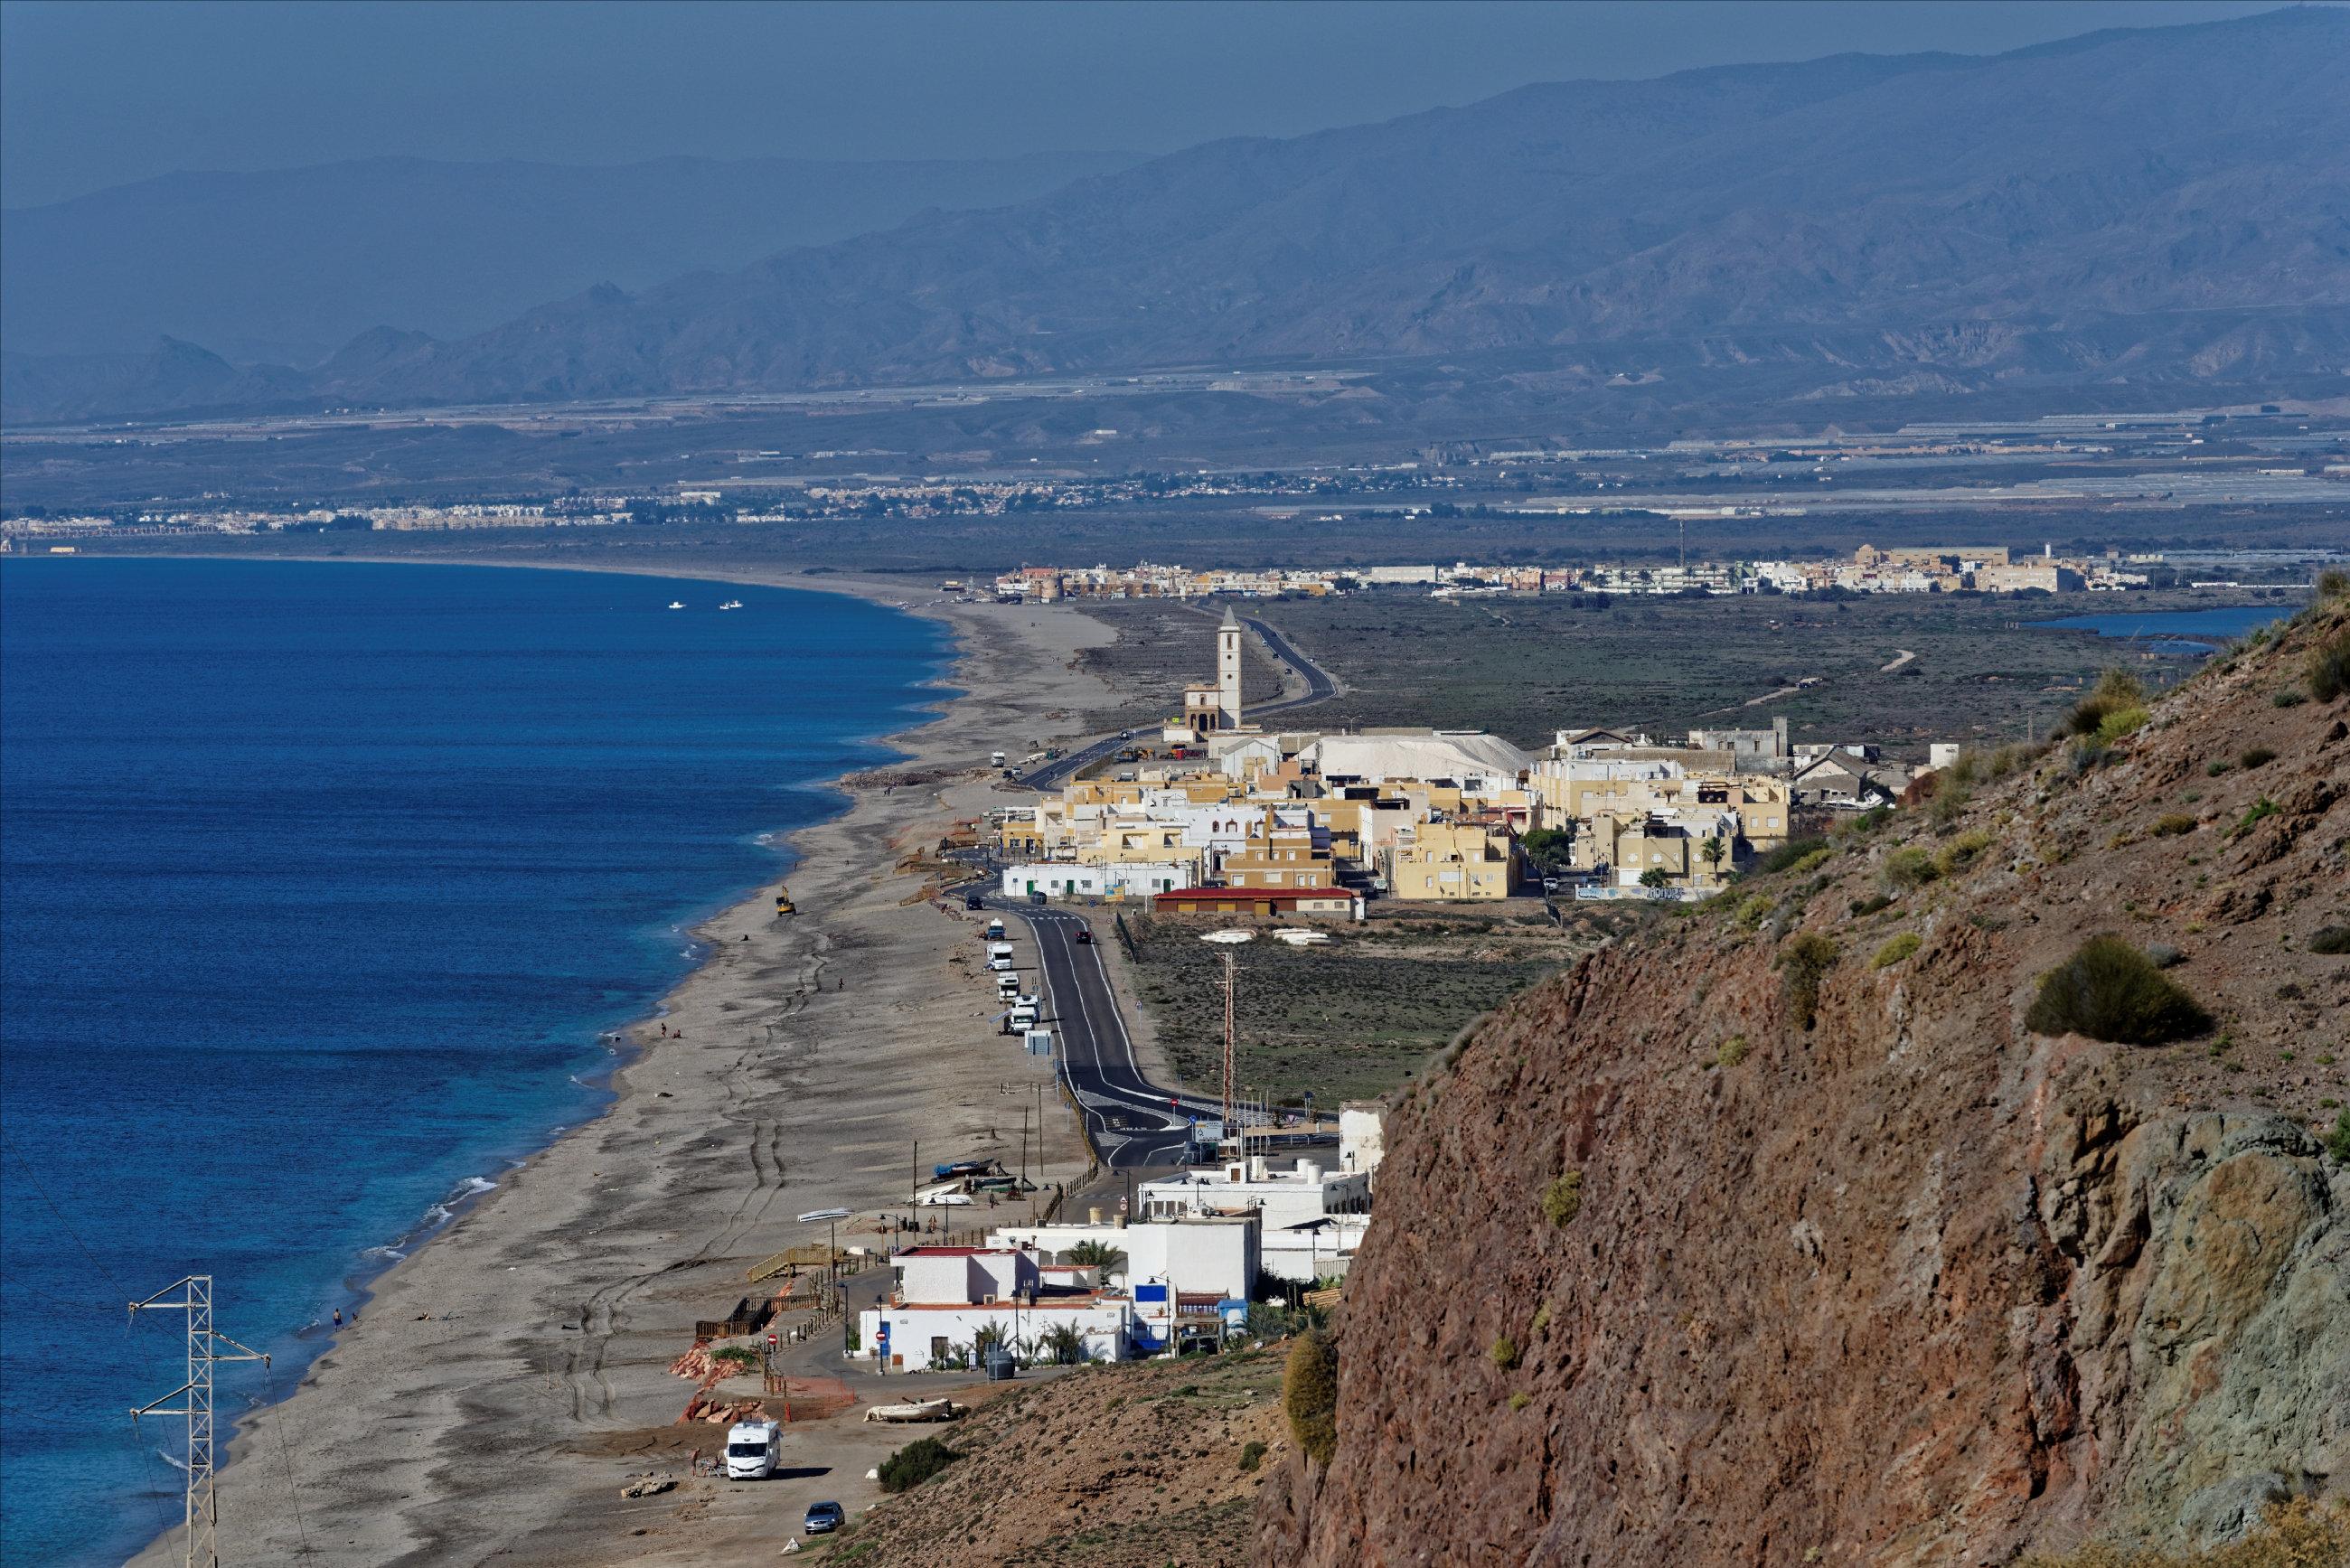 151109-Cabo de Gata-La Almadraba de Monteleva (76)_1